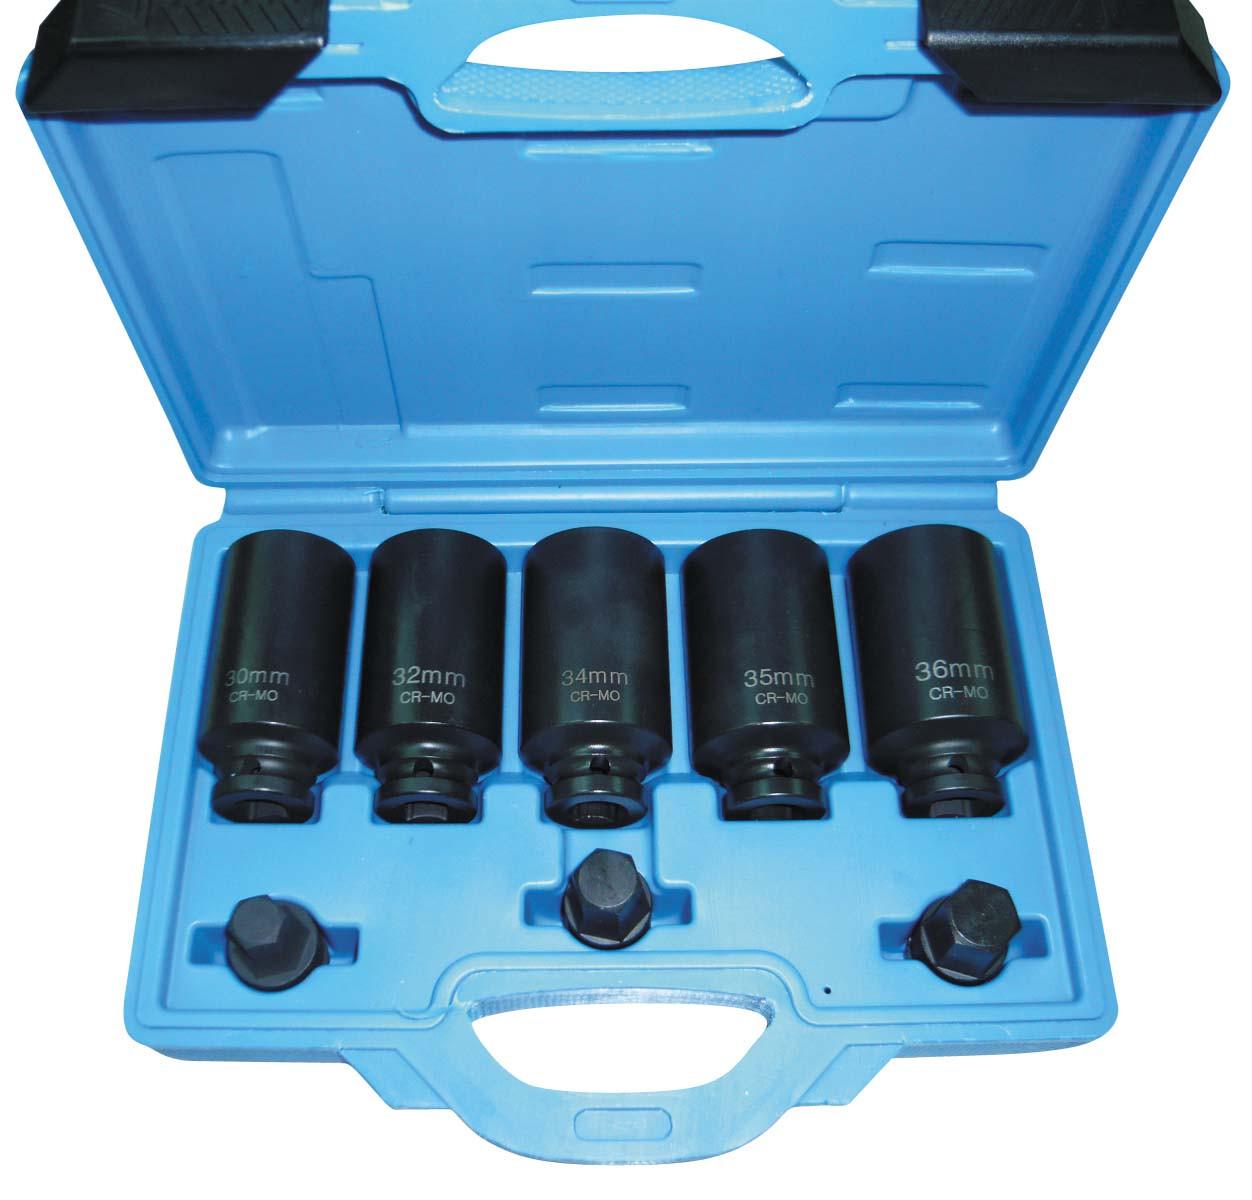 Набор ударных Cr-Mo головок 30-36мм длинных + HEX, 8ед. ASTA A-S8P